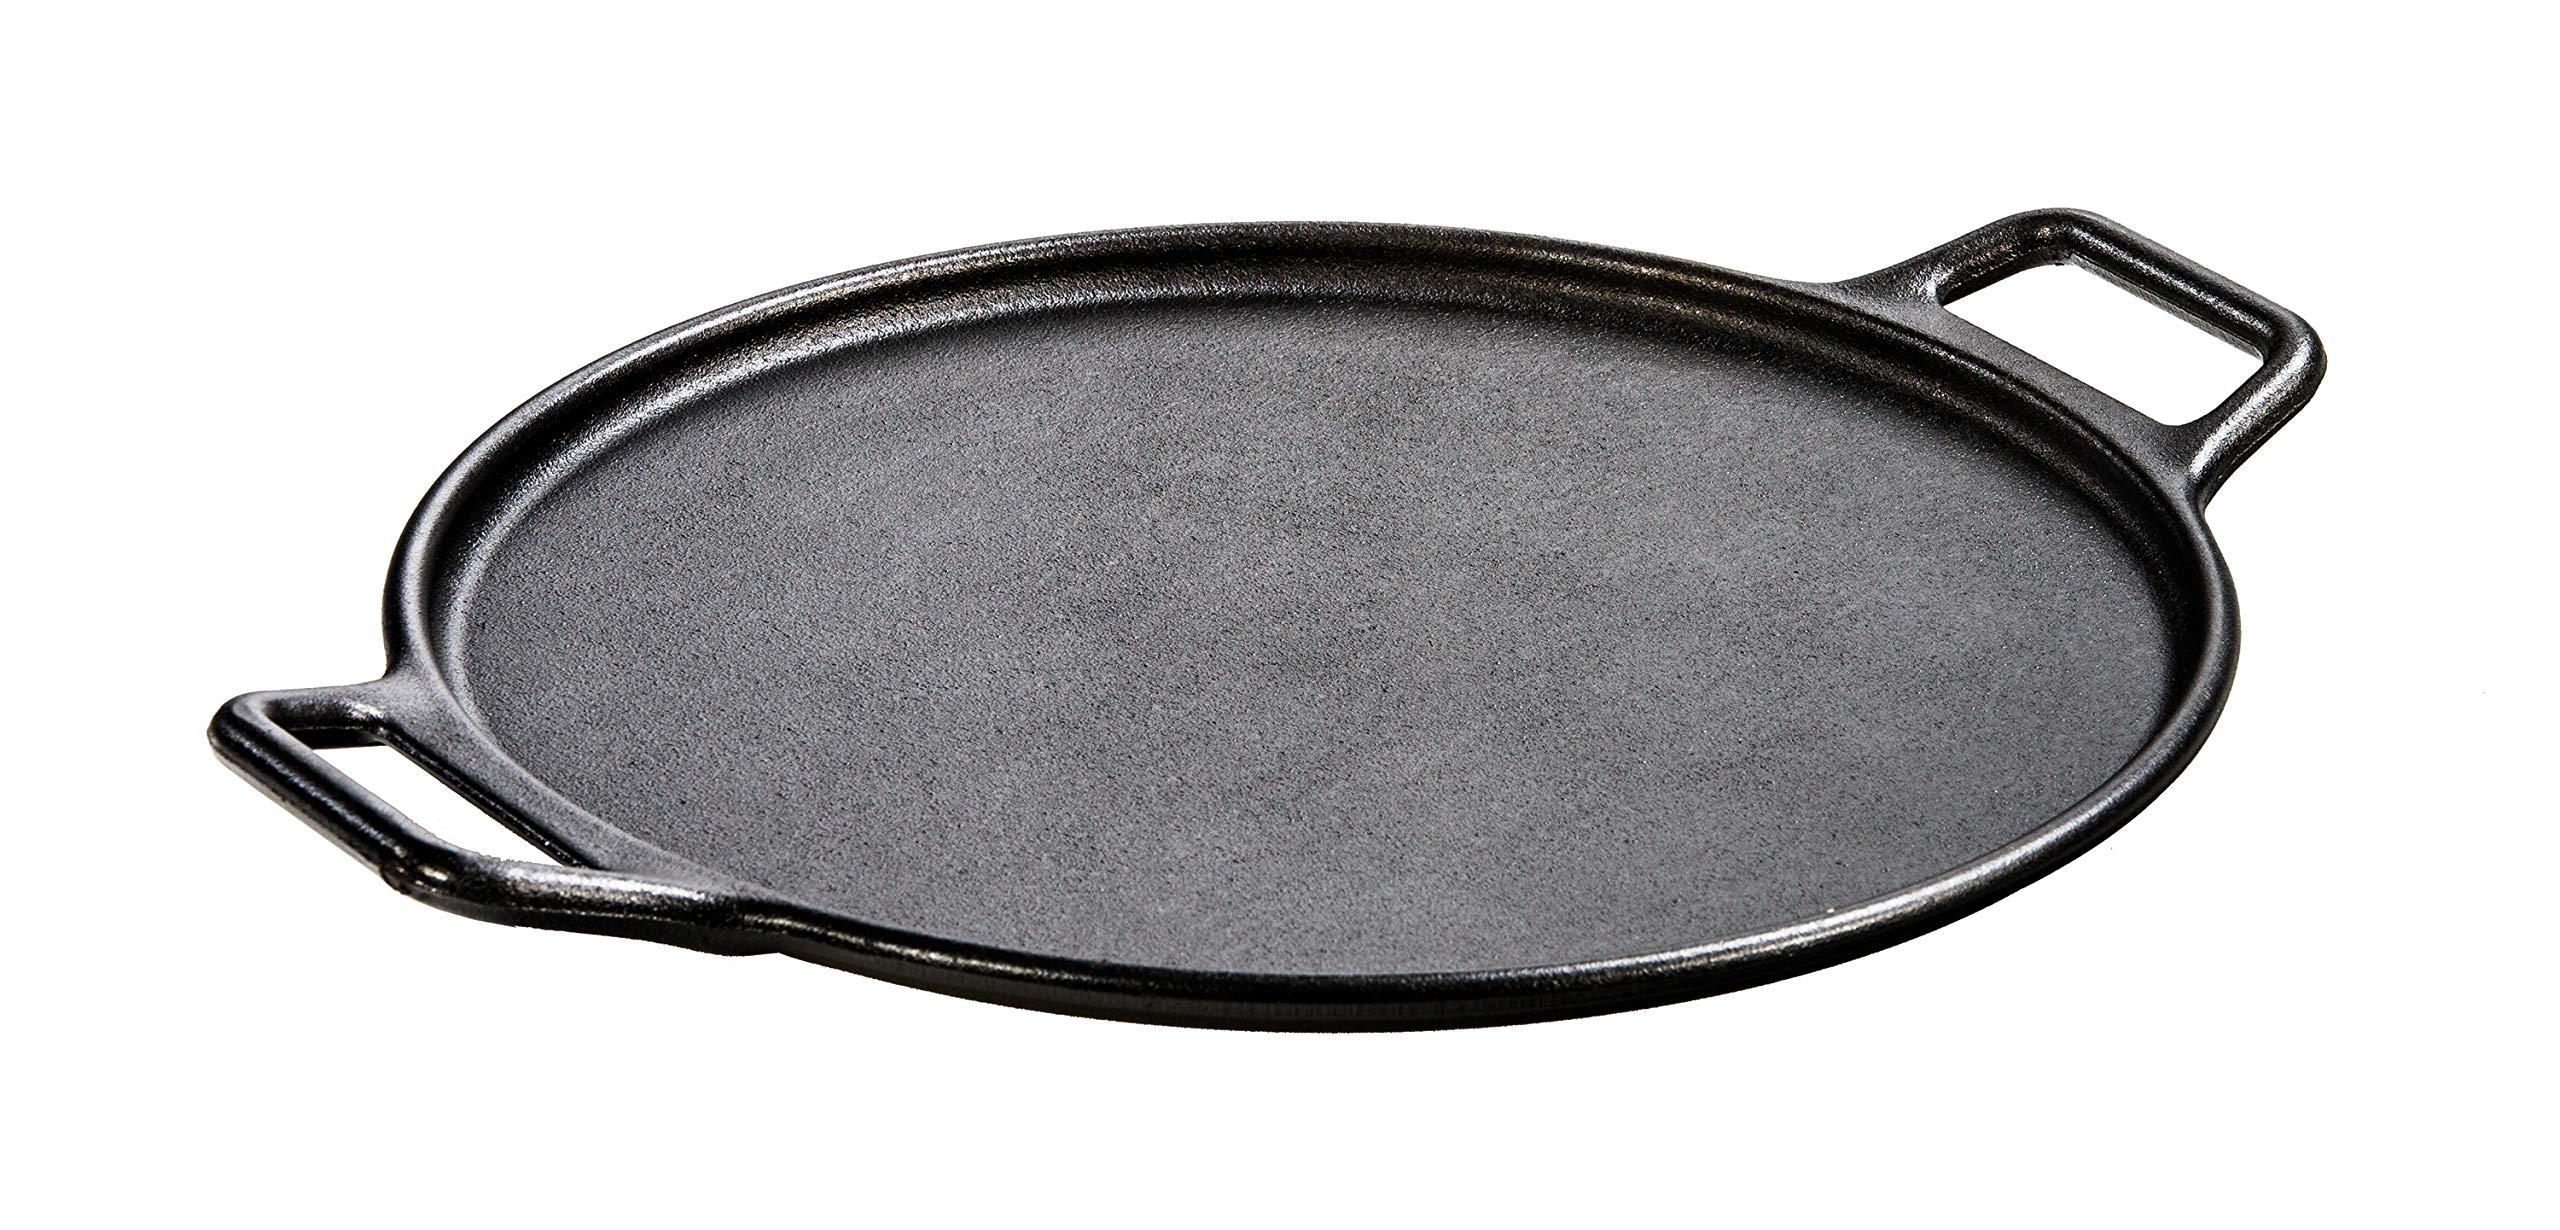 """Lodge Pre-Seasoned Cast Iron Baking Pan With Loop Handles, 14"""", Black"""